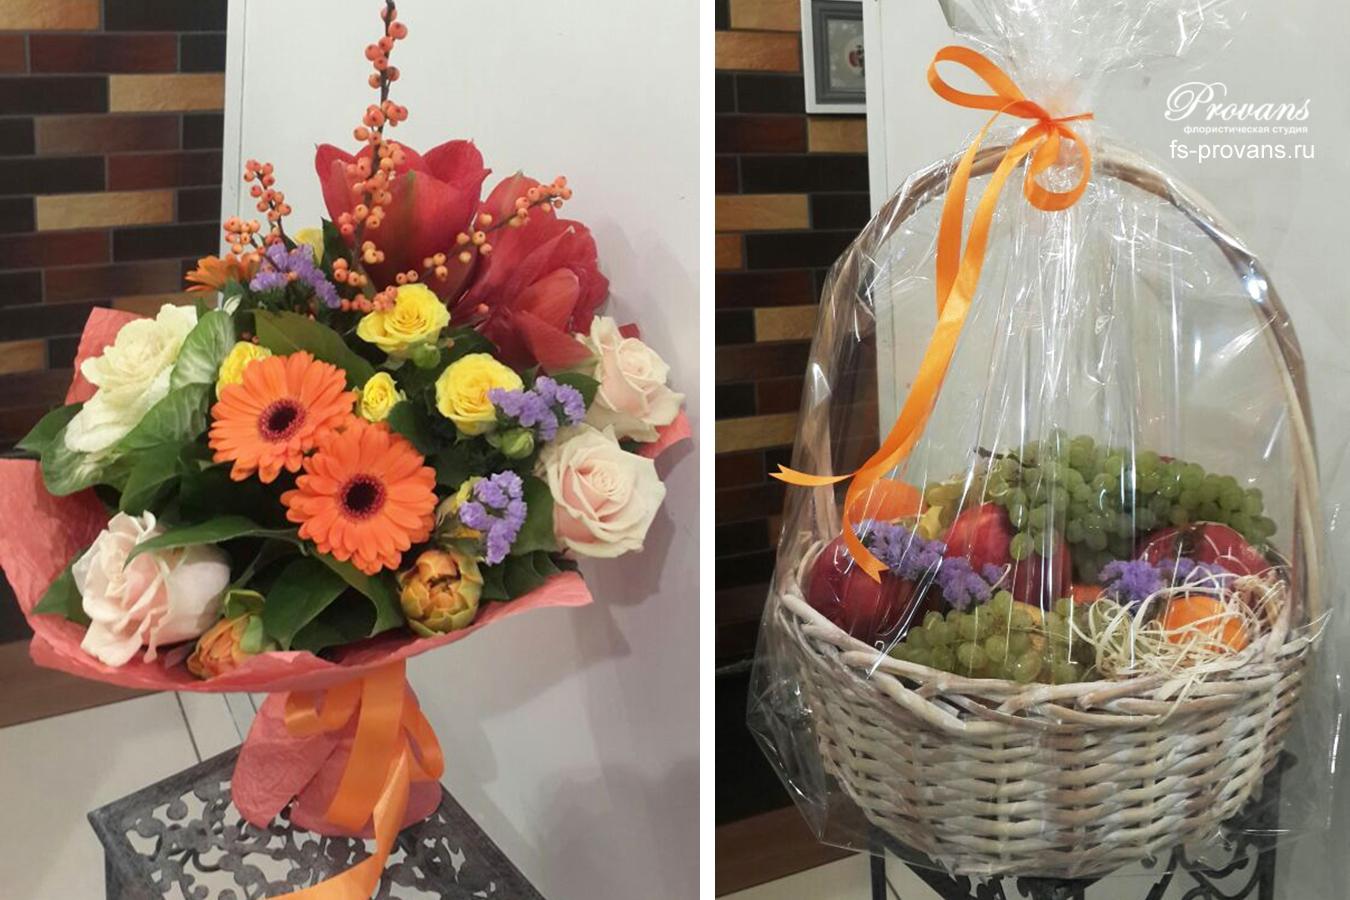 Корзина с фруктами и цветы. Герберы, розы, амариллис, тюльпаны